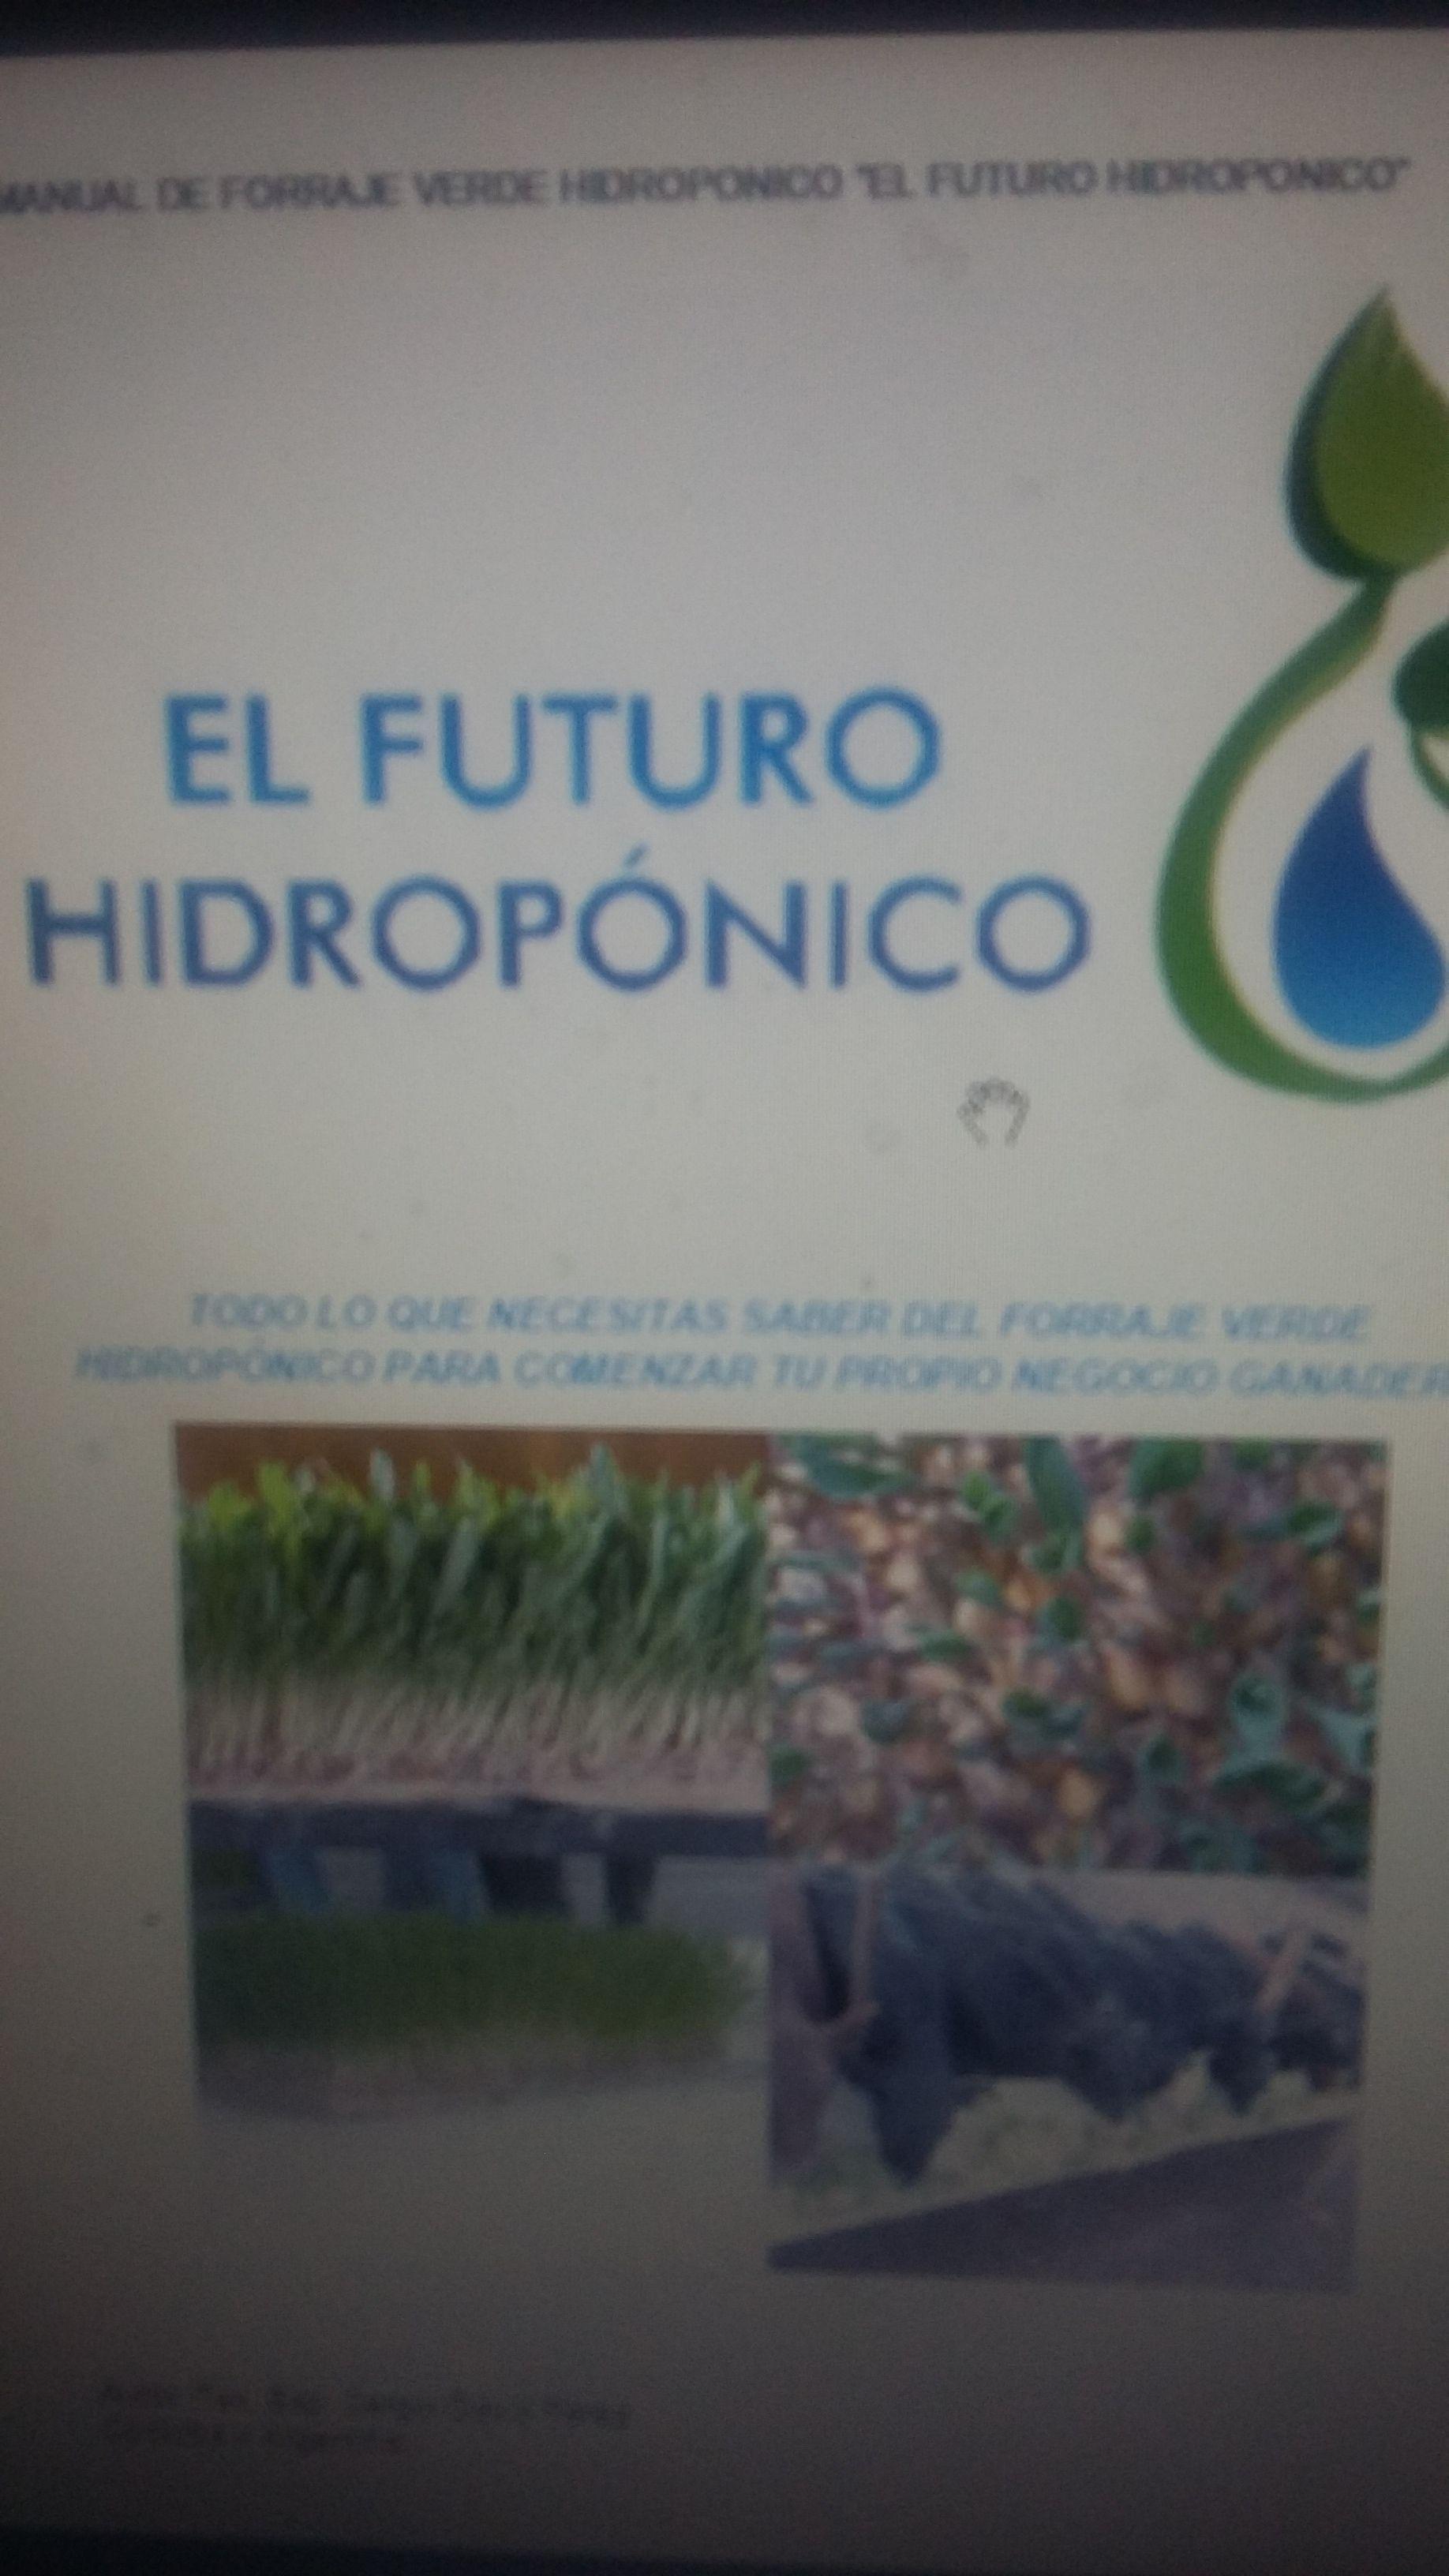 Lic manual array manual de forraje verde hidroponico el futuro hidroponico autor rh pinterest ca fandeluxe Images